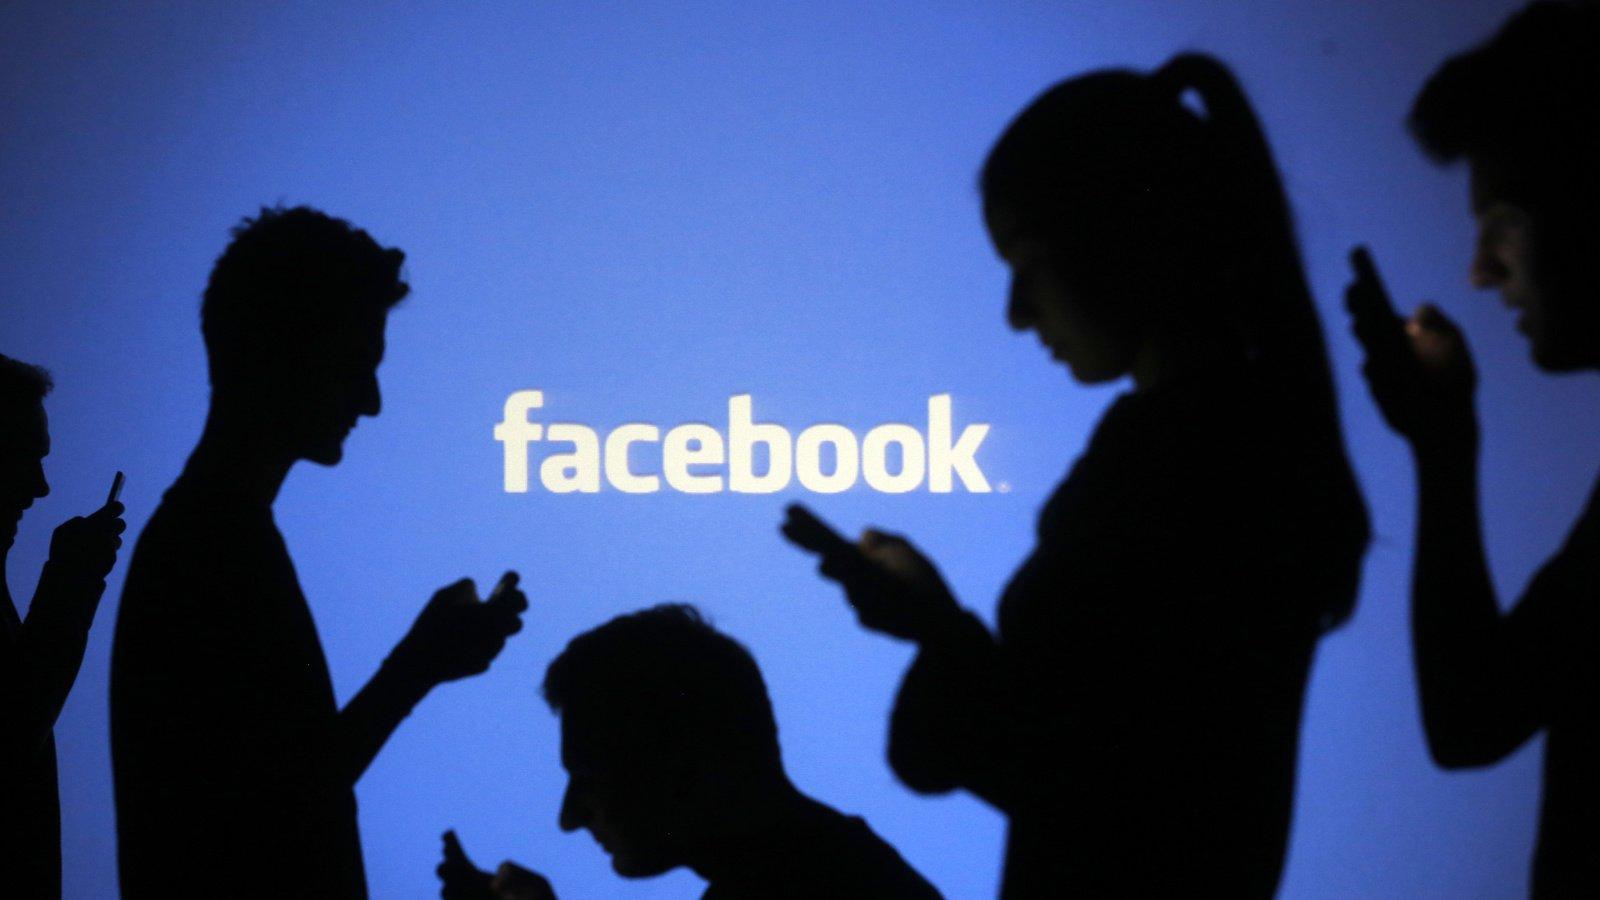 Hoe krijg je Facebook weer in het Nederlands? Dat leggen we uit in dit artikel.